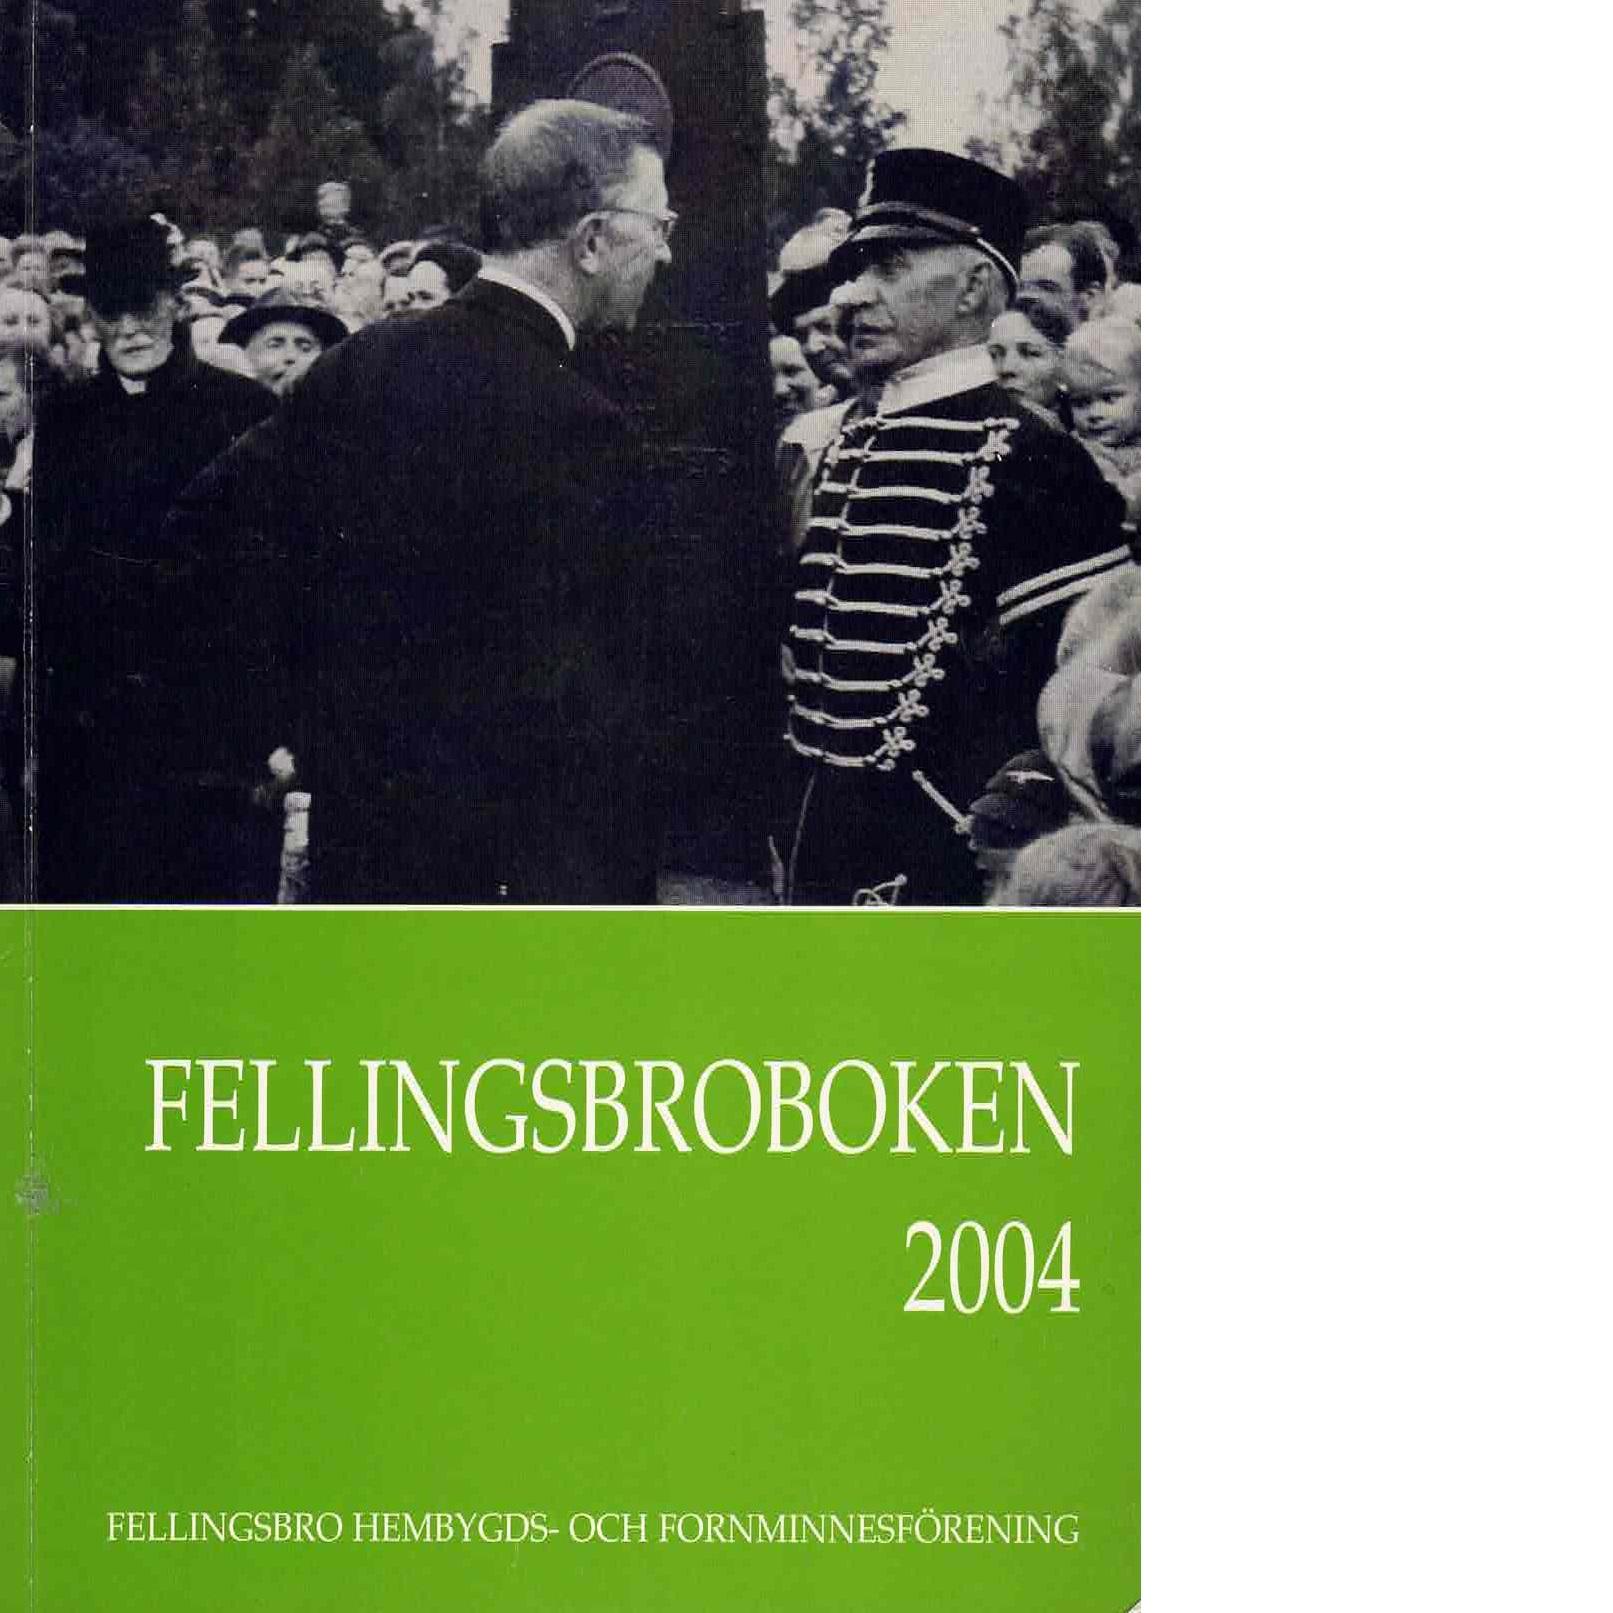 Fellingsbroboken 2004 - Red.